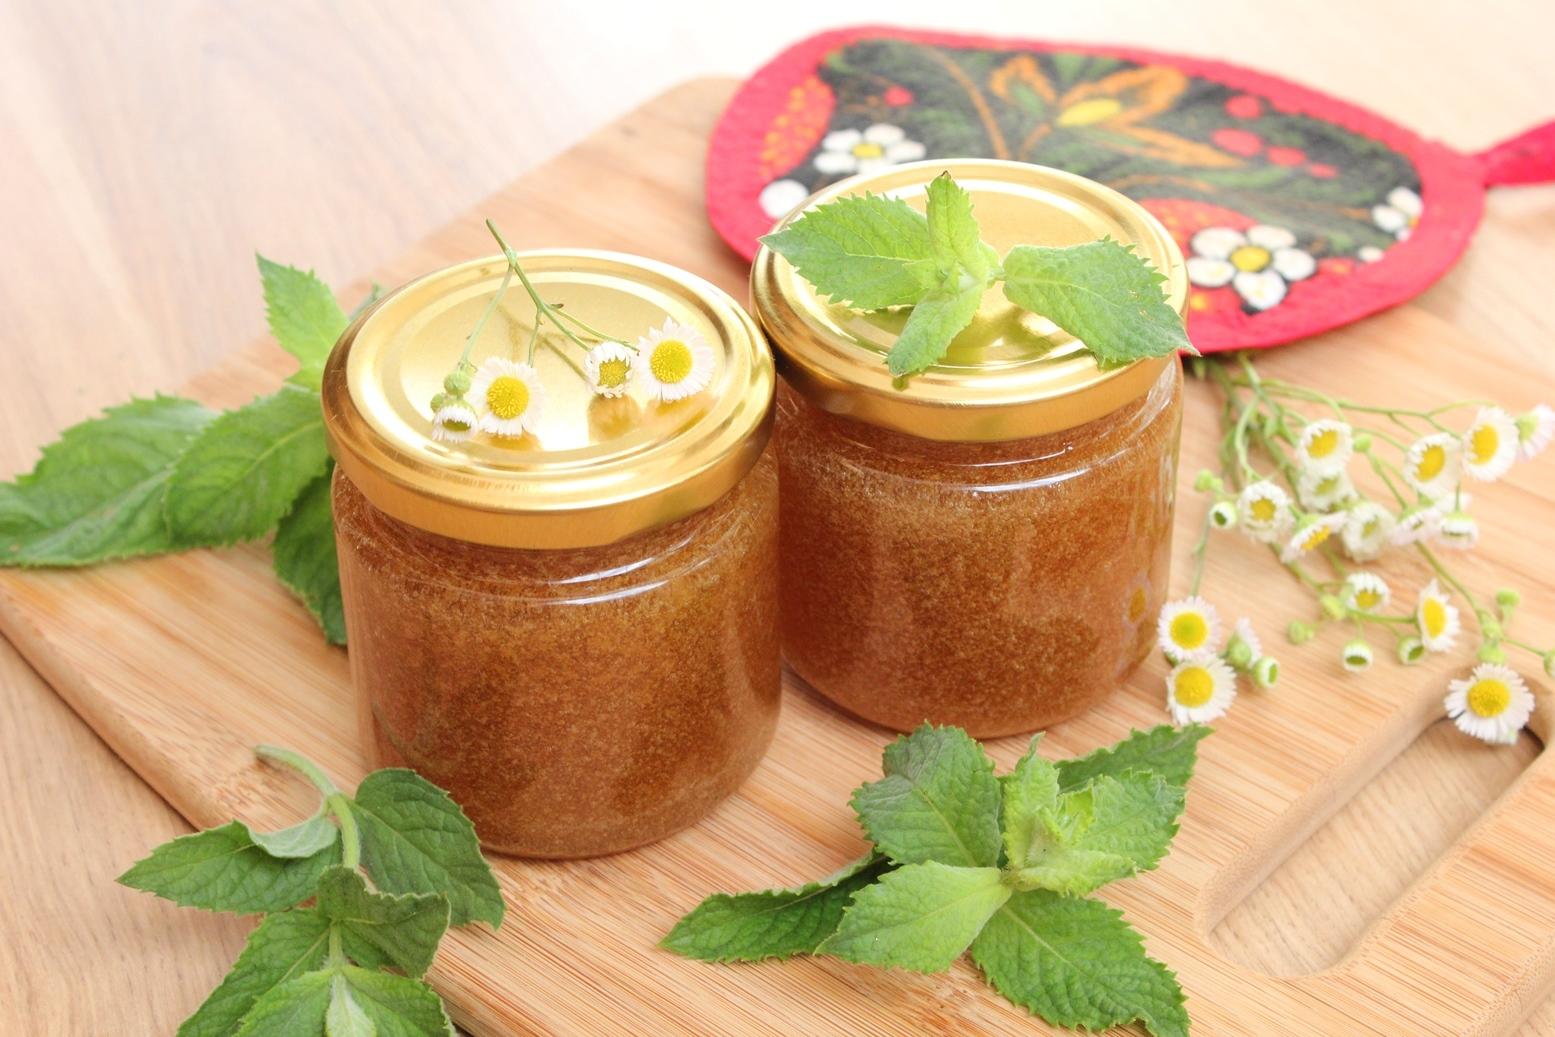 Мятное варенье с лимоном «Янтарное»: лучший рецепт с фото — Самый Смак